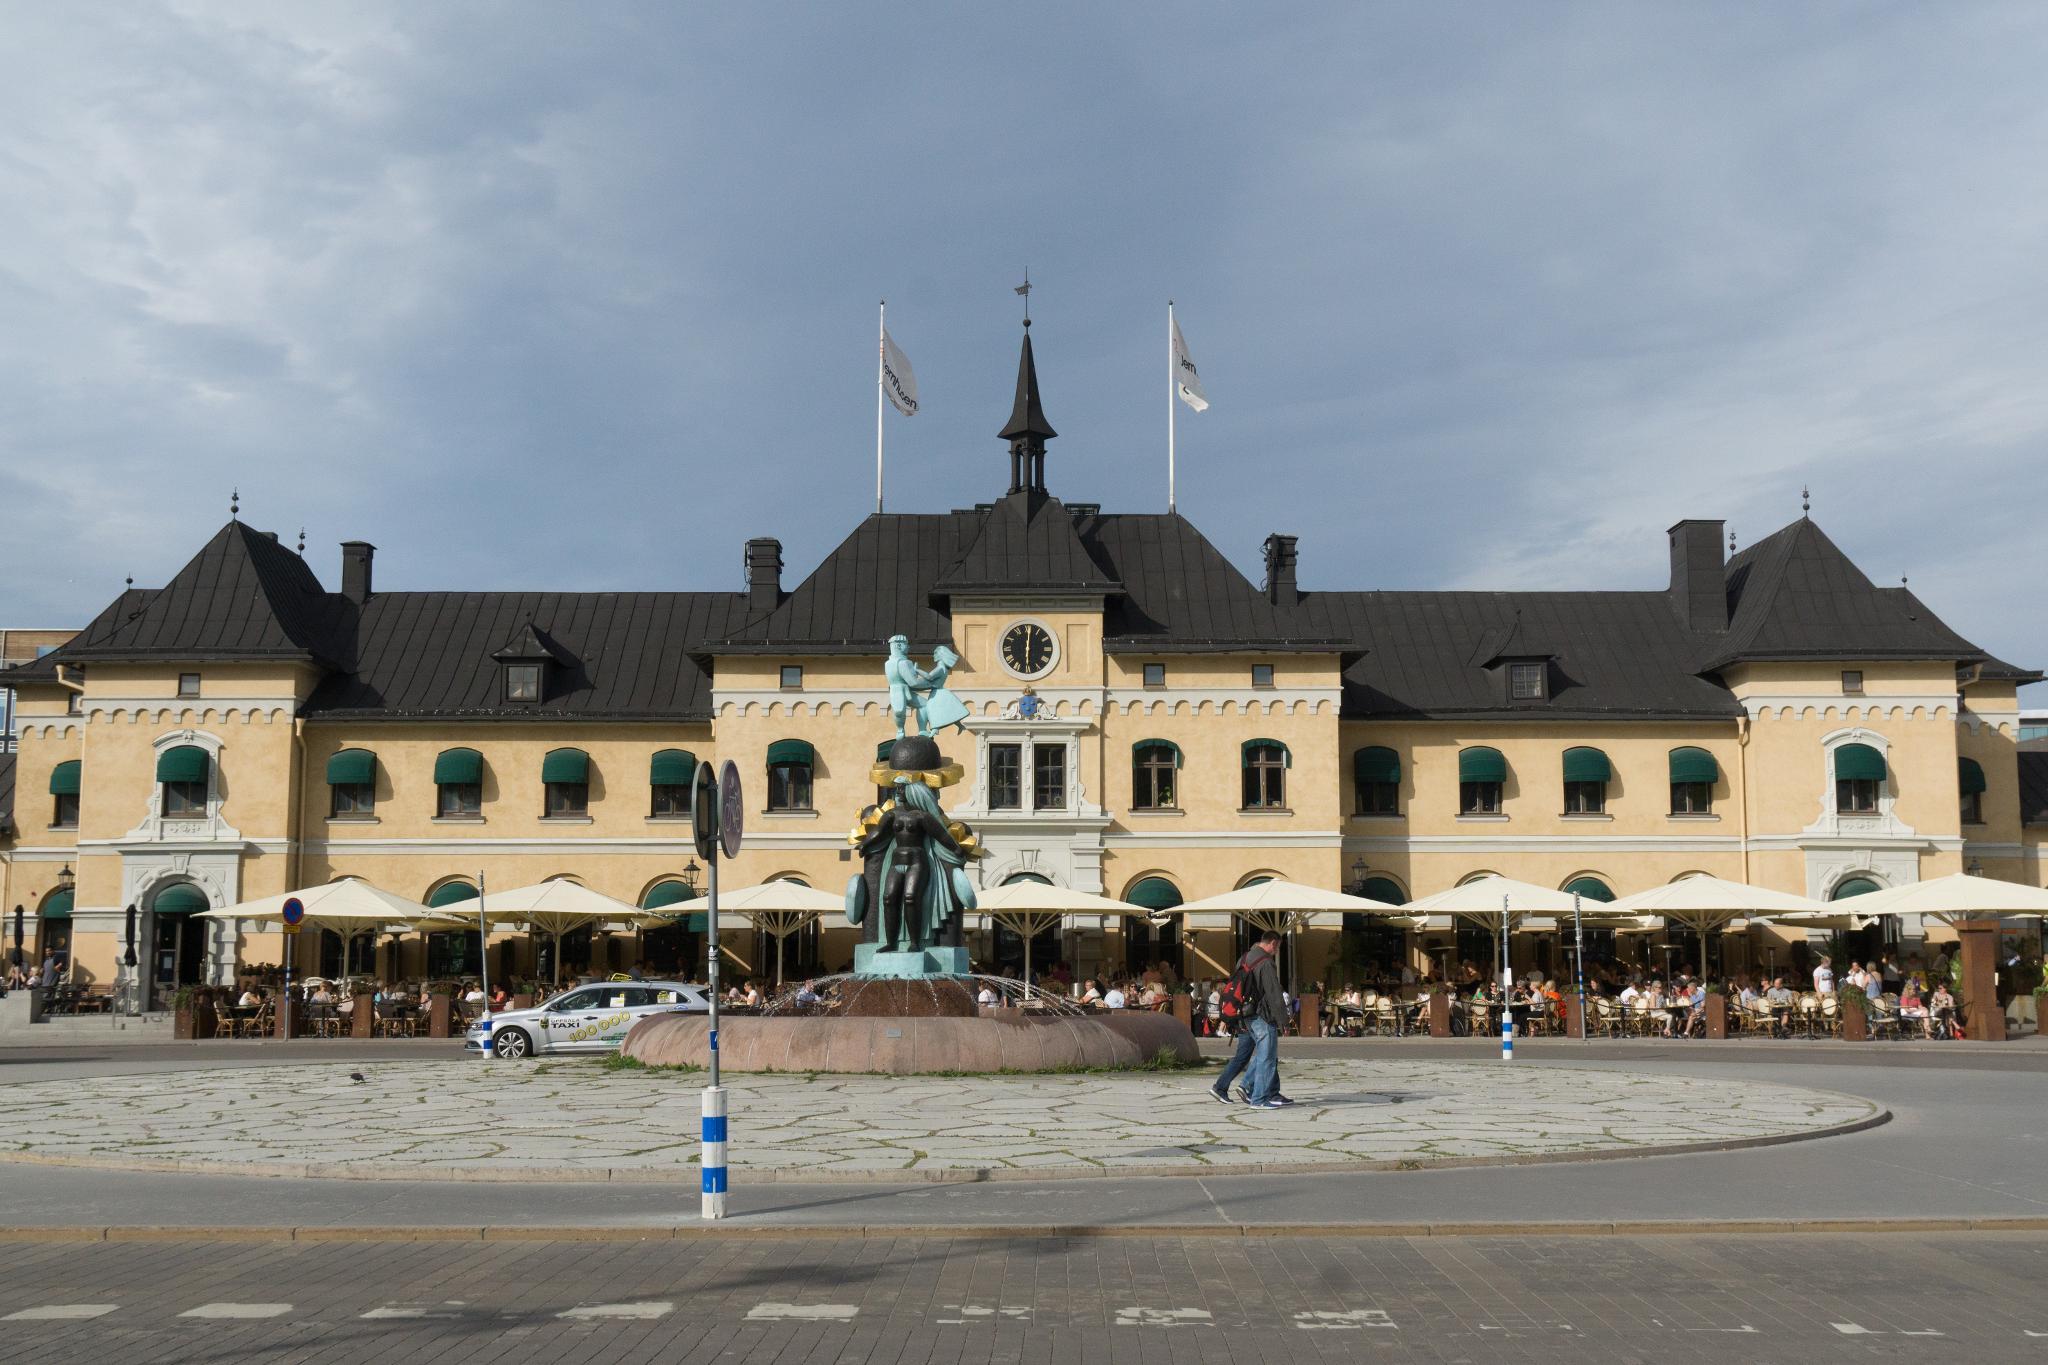 【北歐景點】瑞典的歷史縮影 — 老城烏普薩拉(Uppsala)的人文風景 2